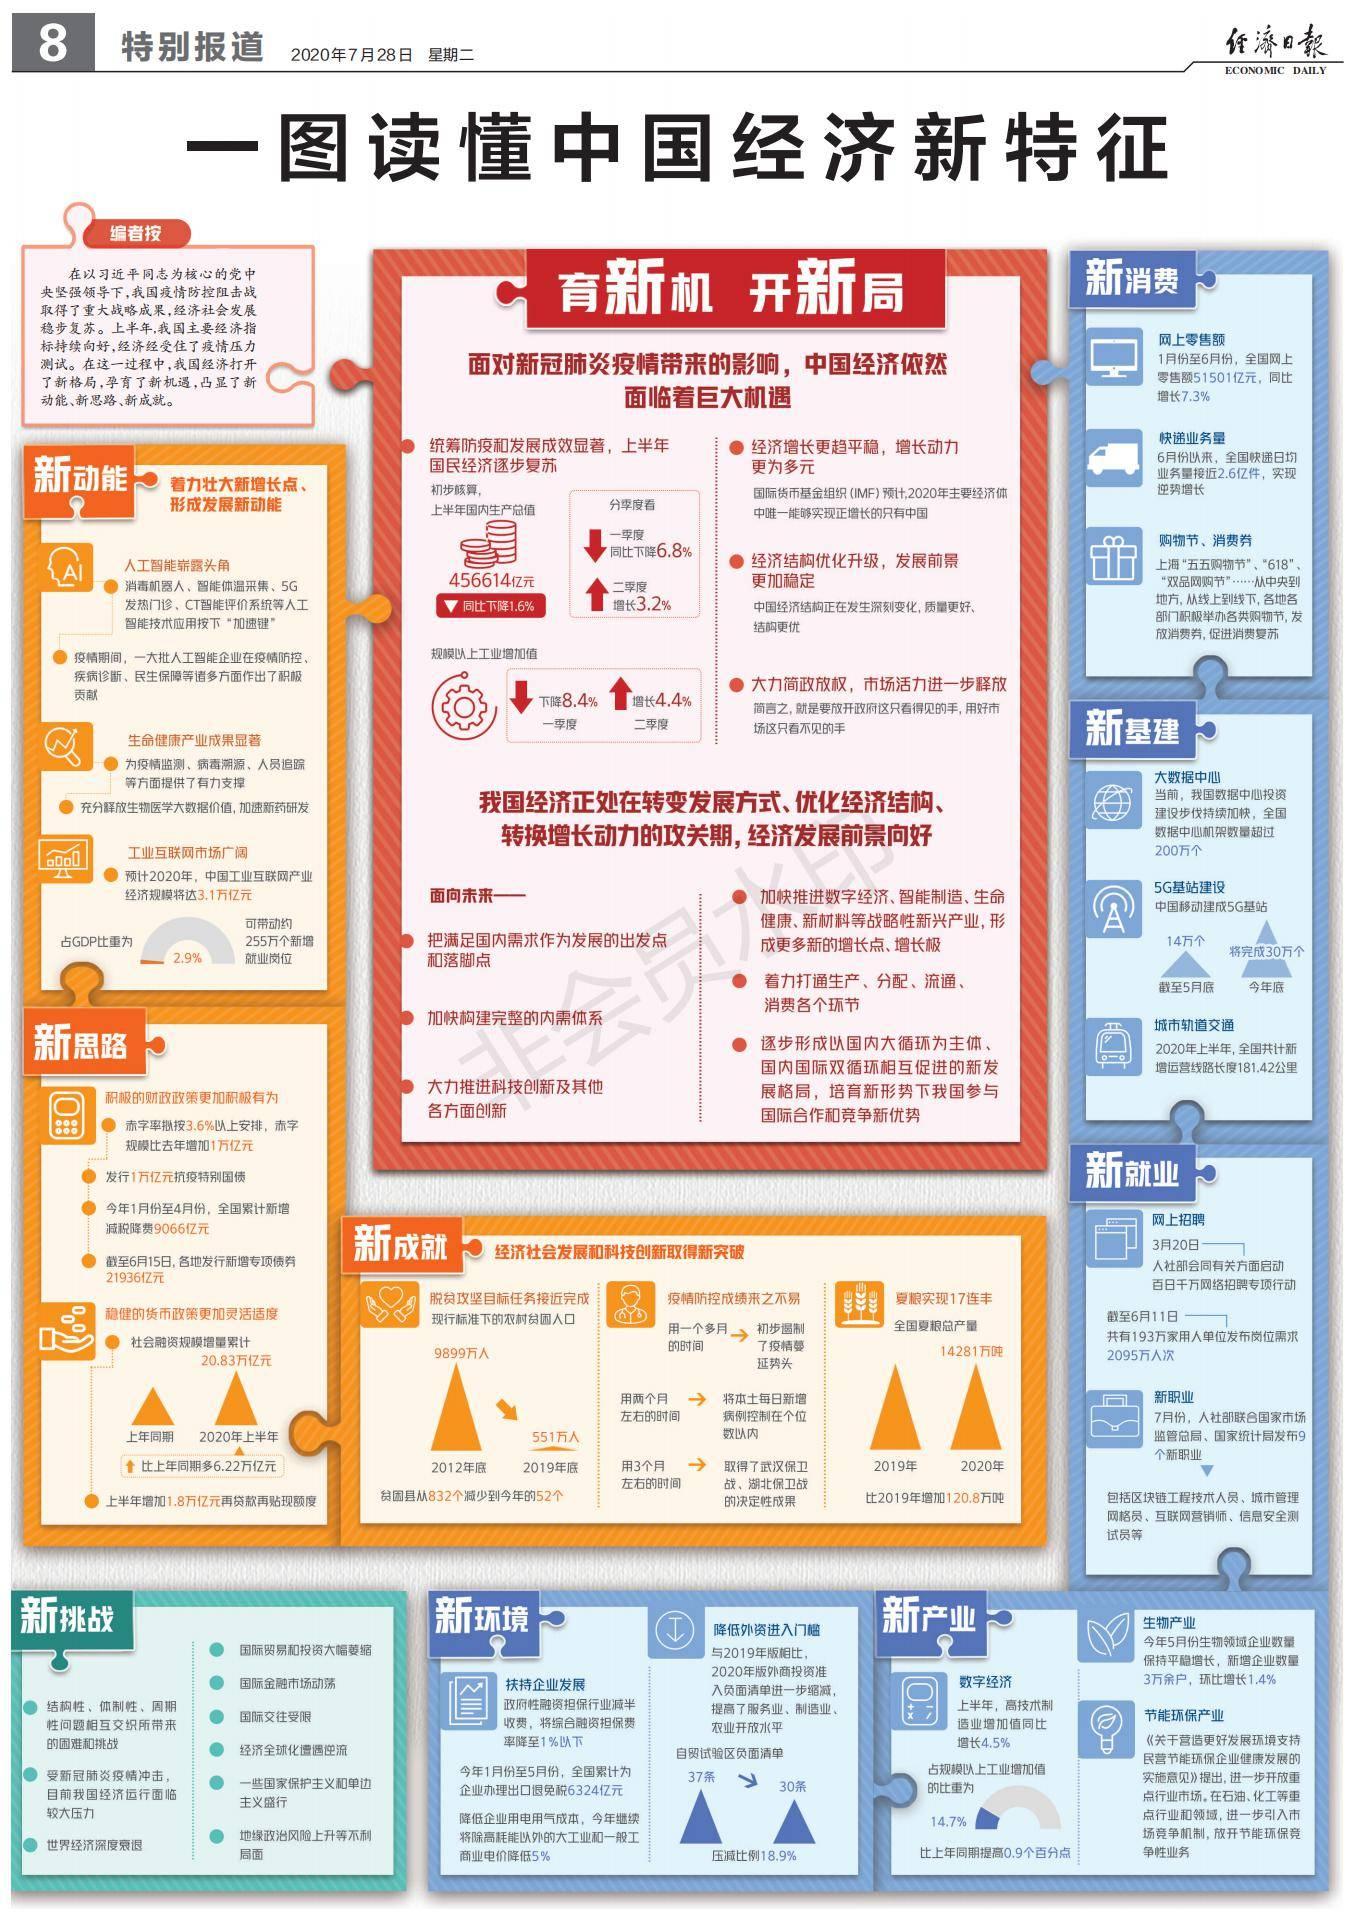 中国1949年经济总量排名多少_2015中国年经济总量